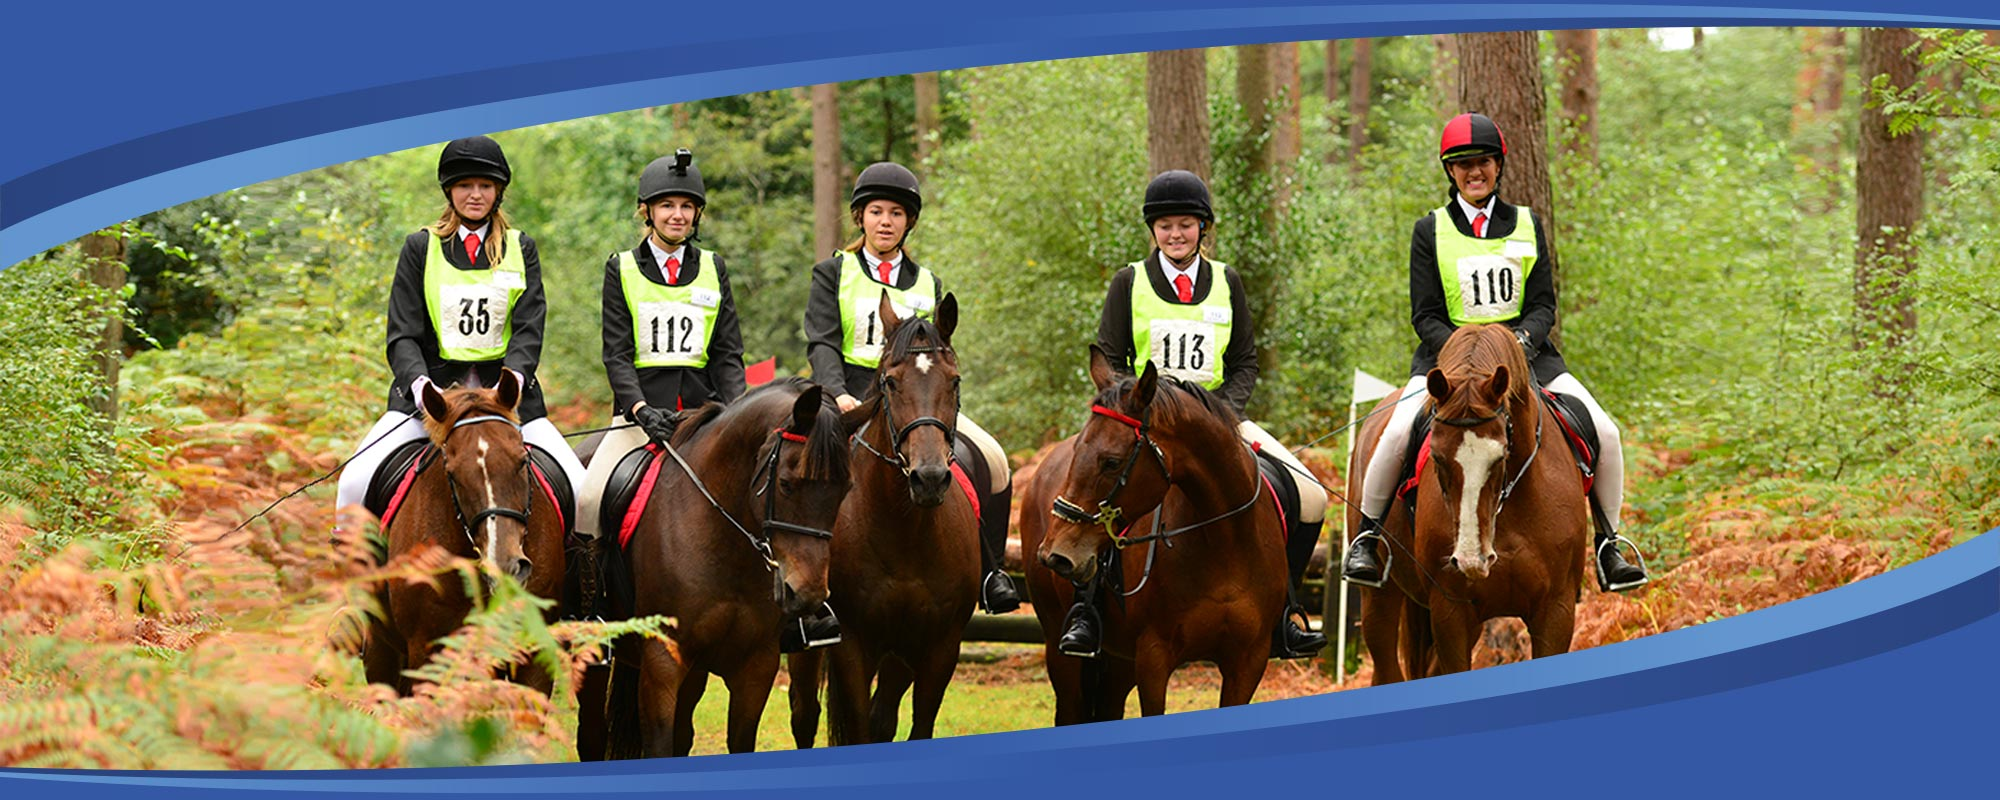 Frensham Horses